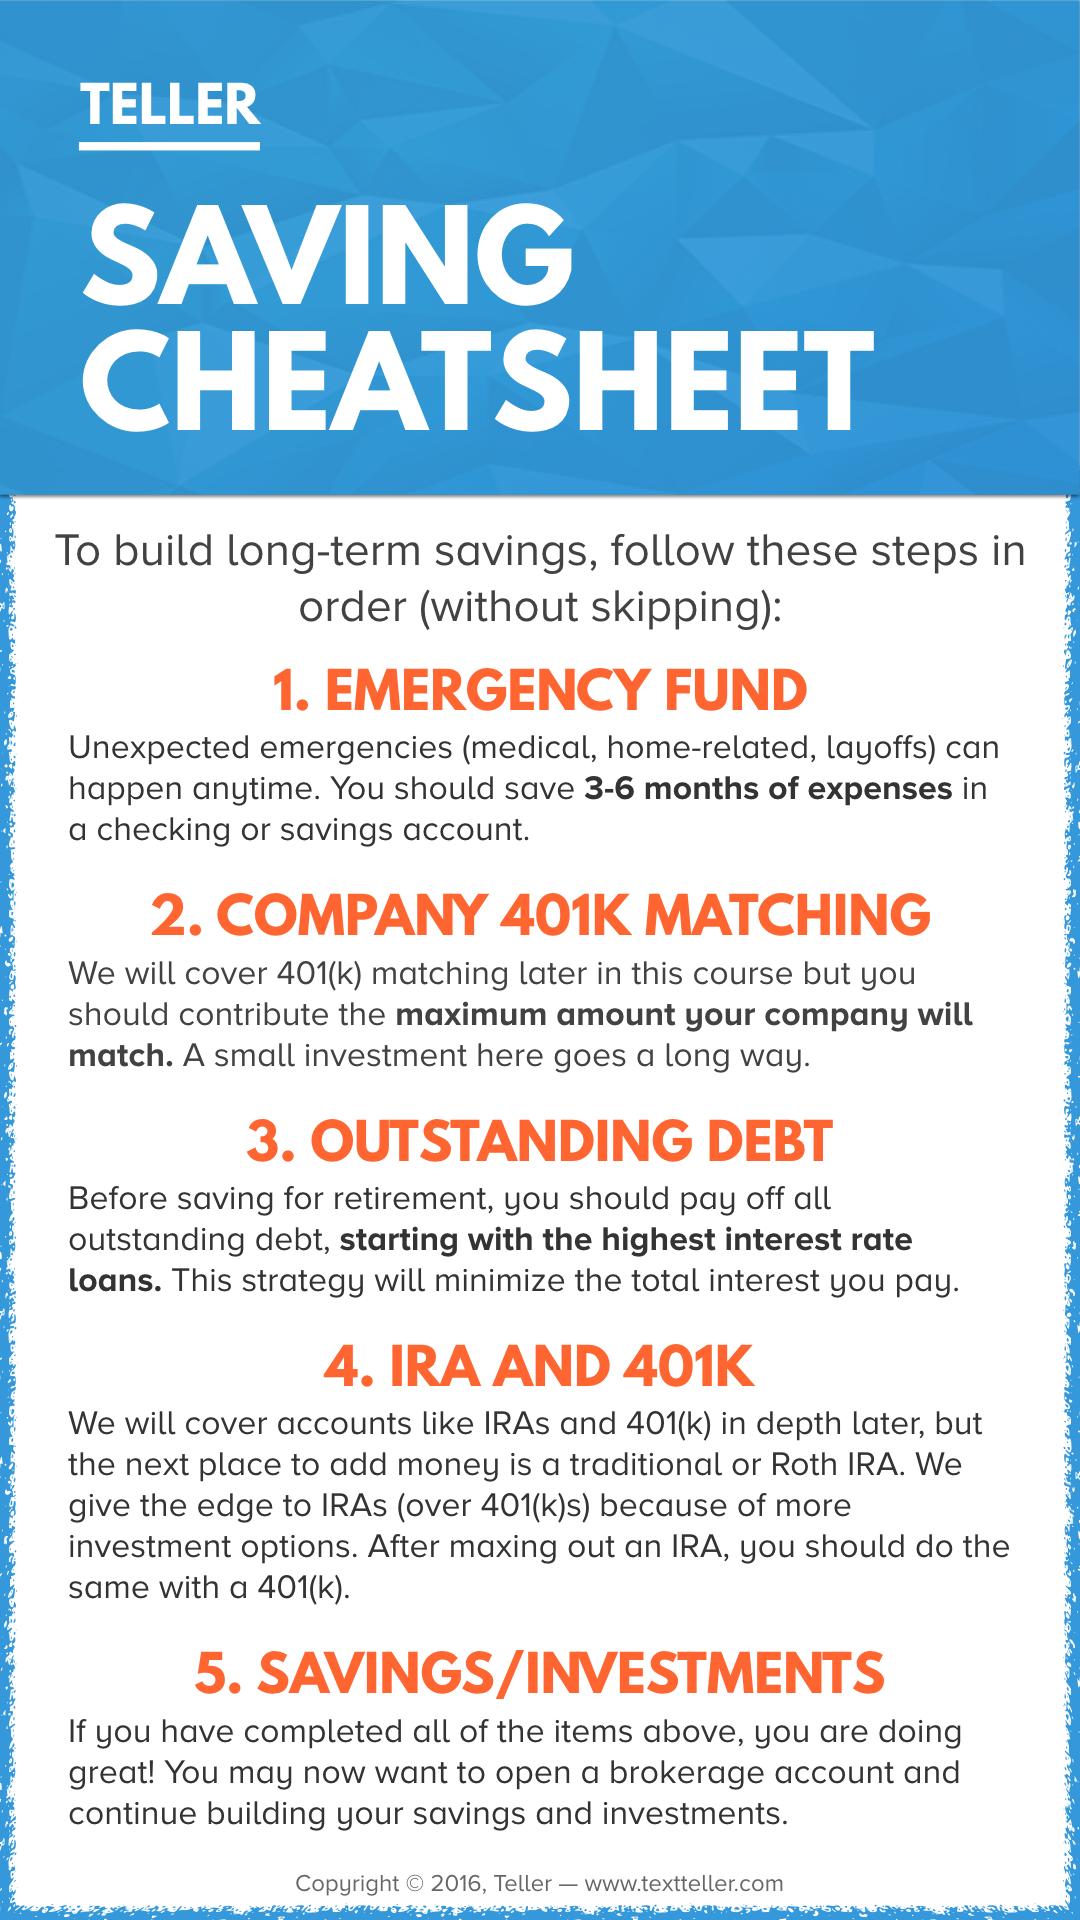 teller_savings_cheatsheet.png